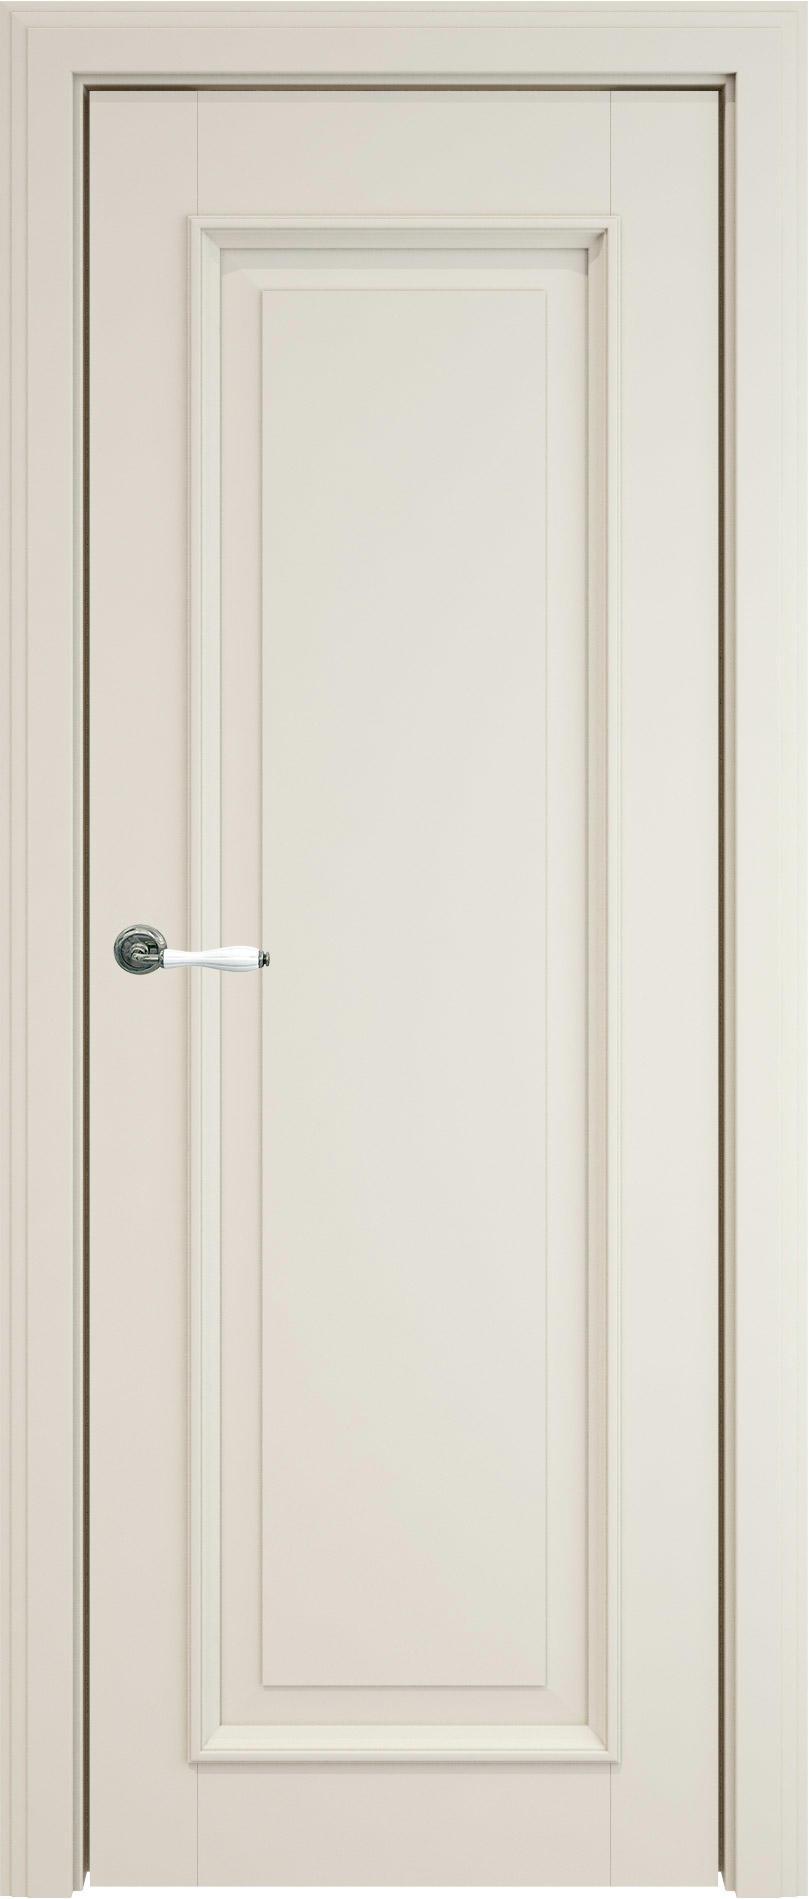 Domenica LUX цвет - Жемчужная эмаль (RAL 1013) Без стекла (ДГ)